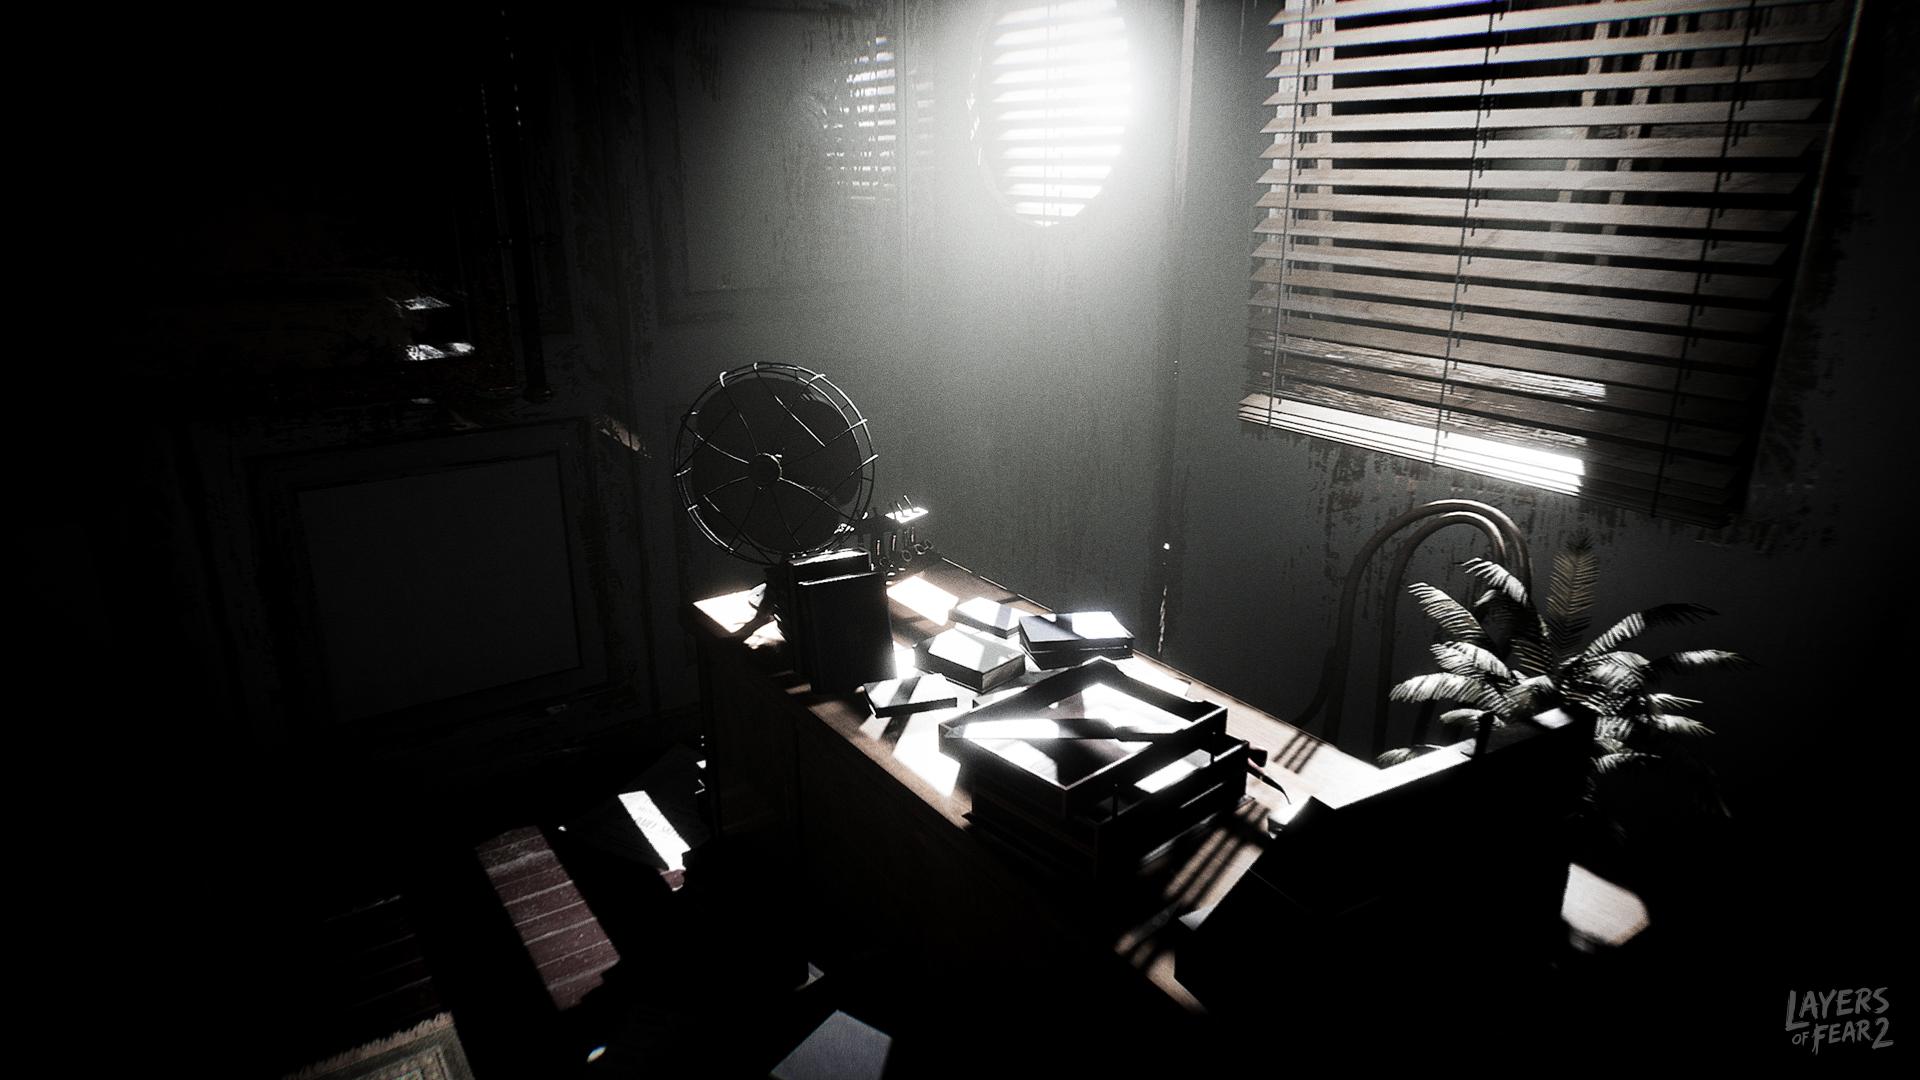 layers-of-fear-2-anuncia-su-fecha-de-lanzamiento-frikigamers.com.jpg